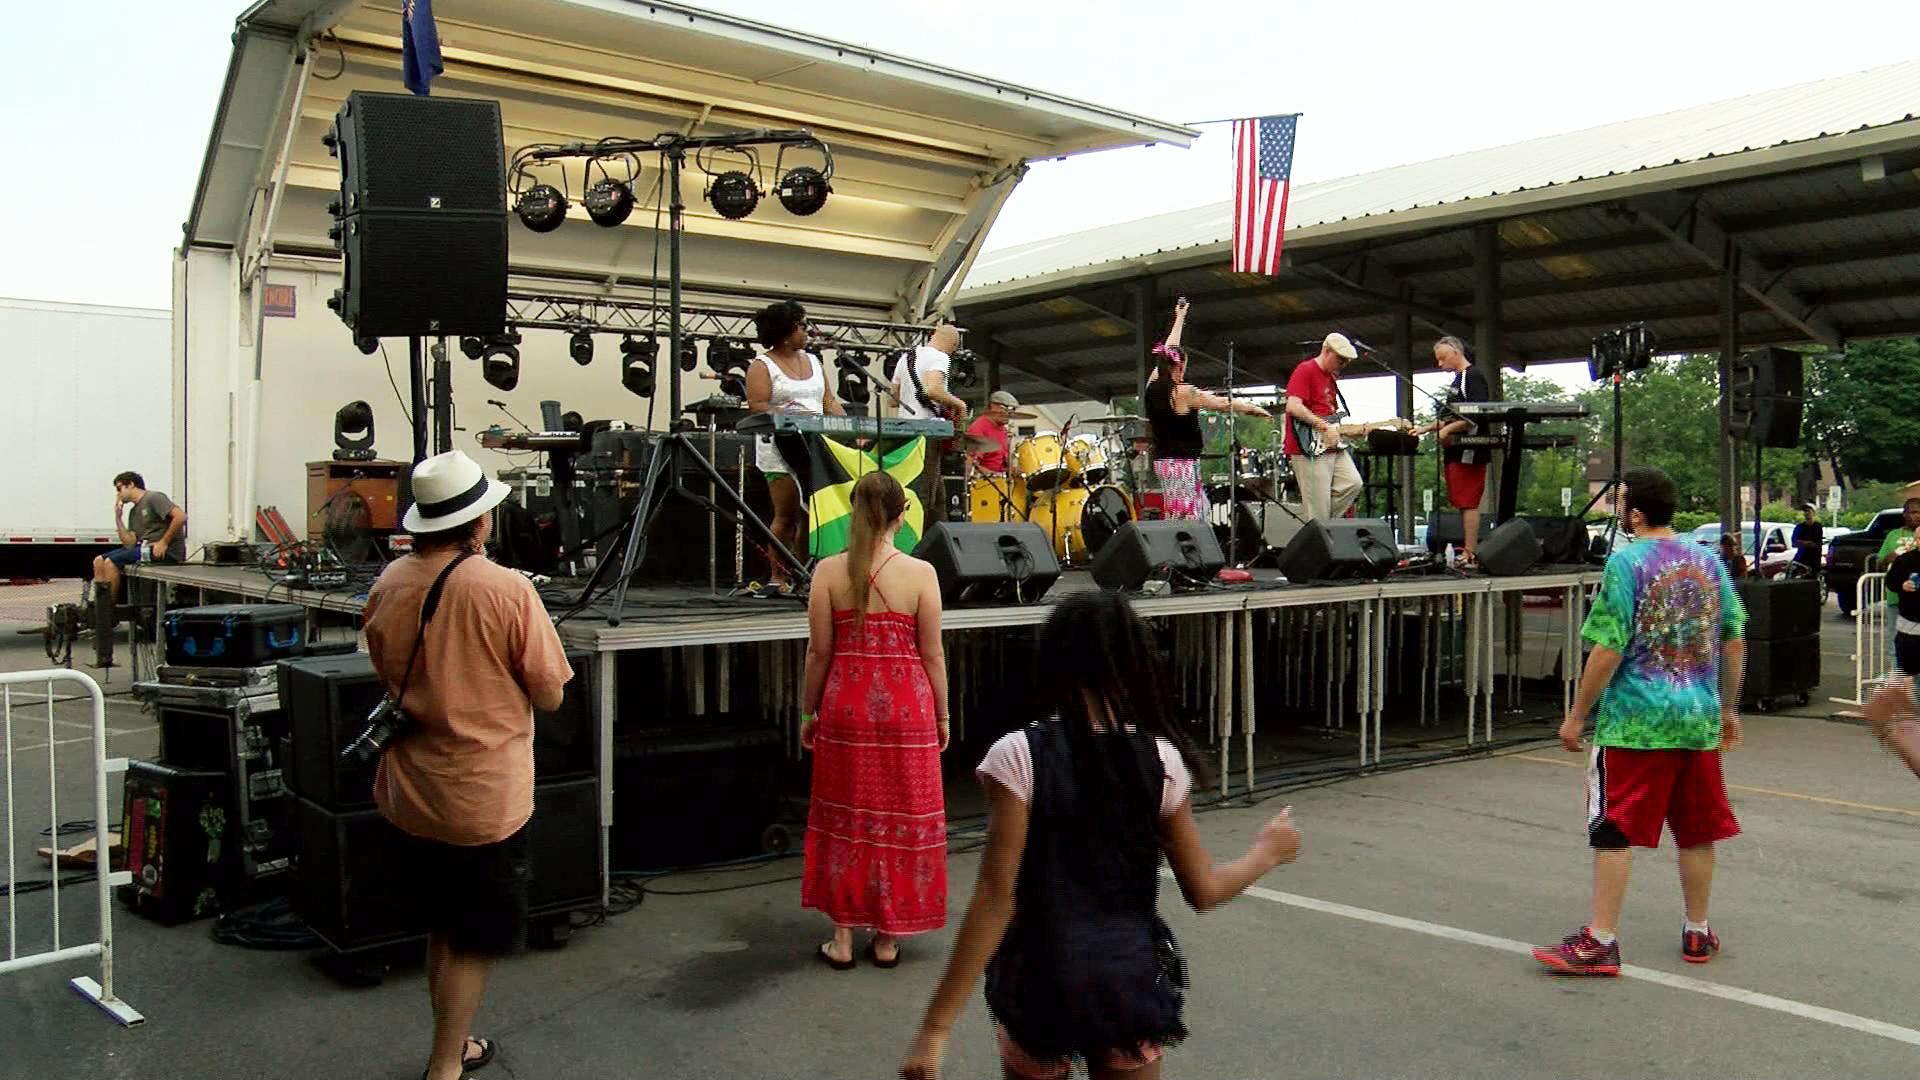 rochesterfirst.com - Matt Driffill - Bands on the Bricks summer concert series returns Friday to Rochester Public Market